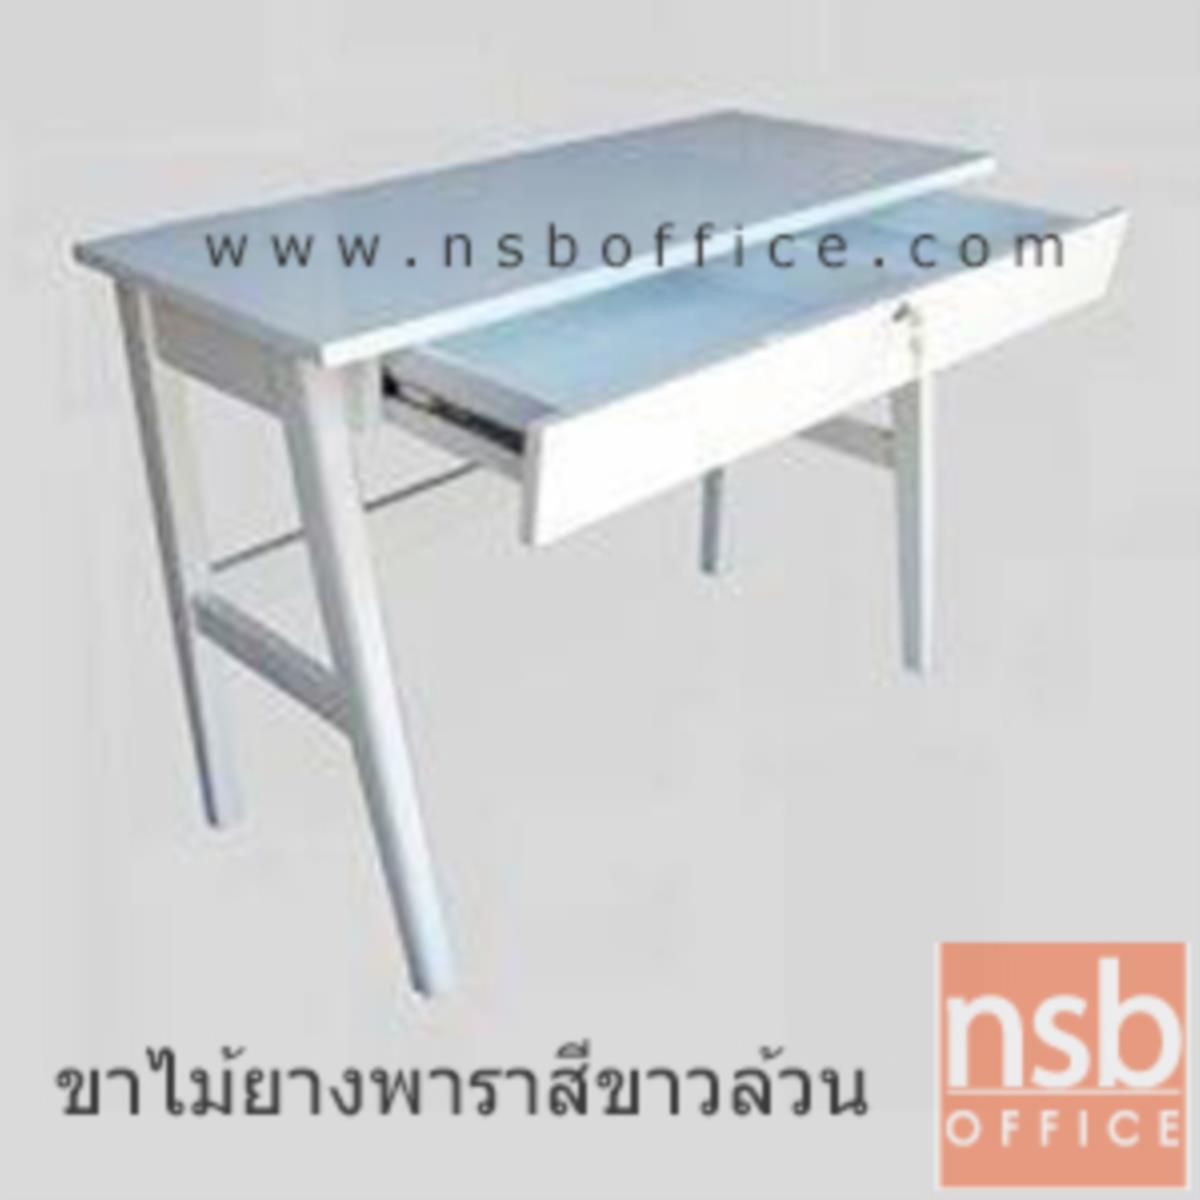 โต๊ะทำงานโล่งไฮกรอส 1 ลิ้นชัก  ขนาด 100W cm. ขาไม้ยางพารา